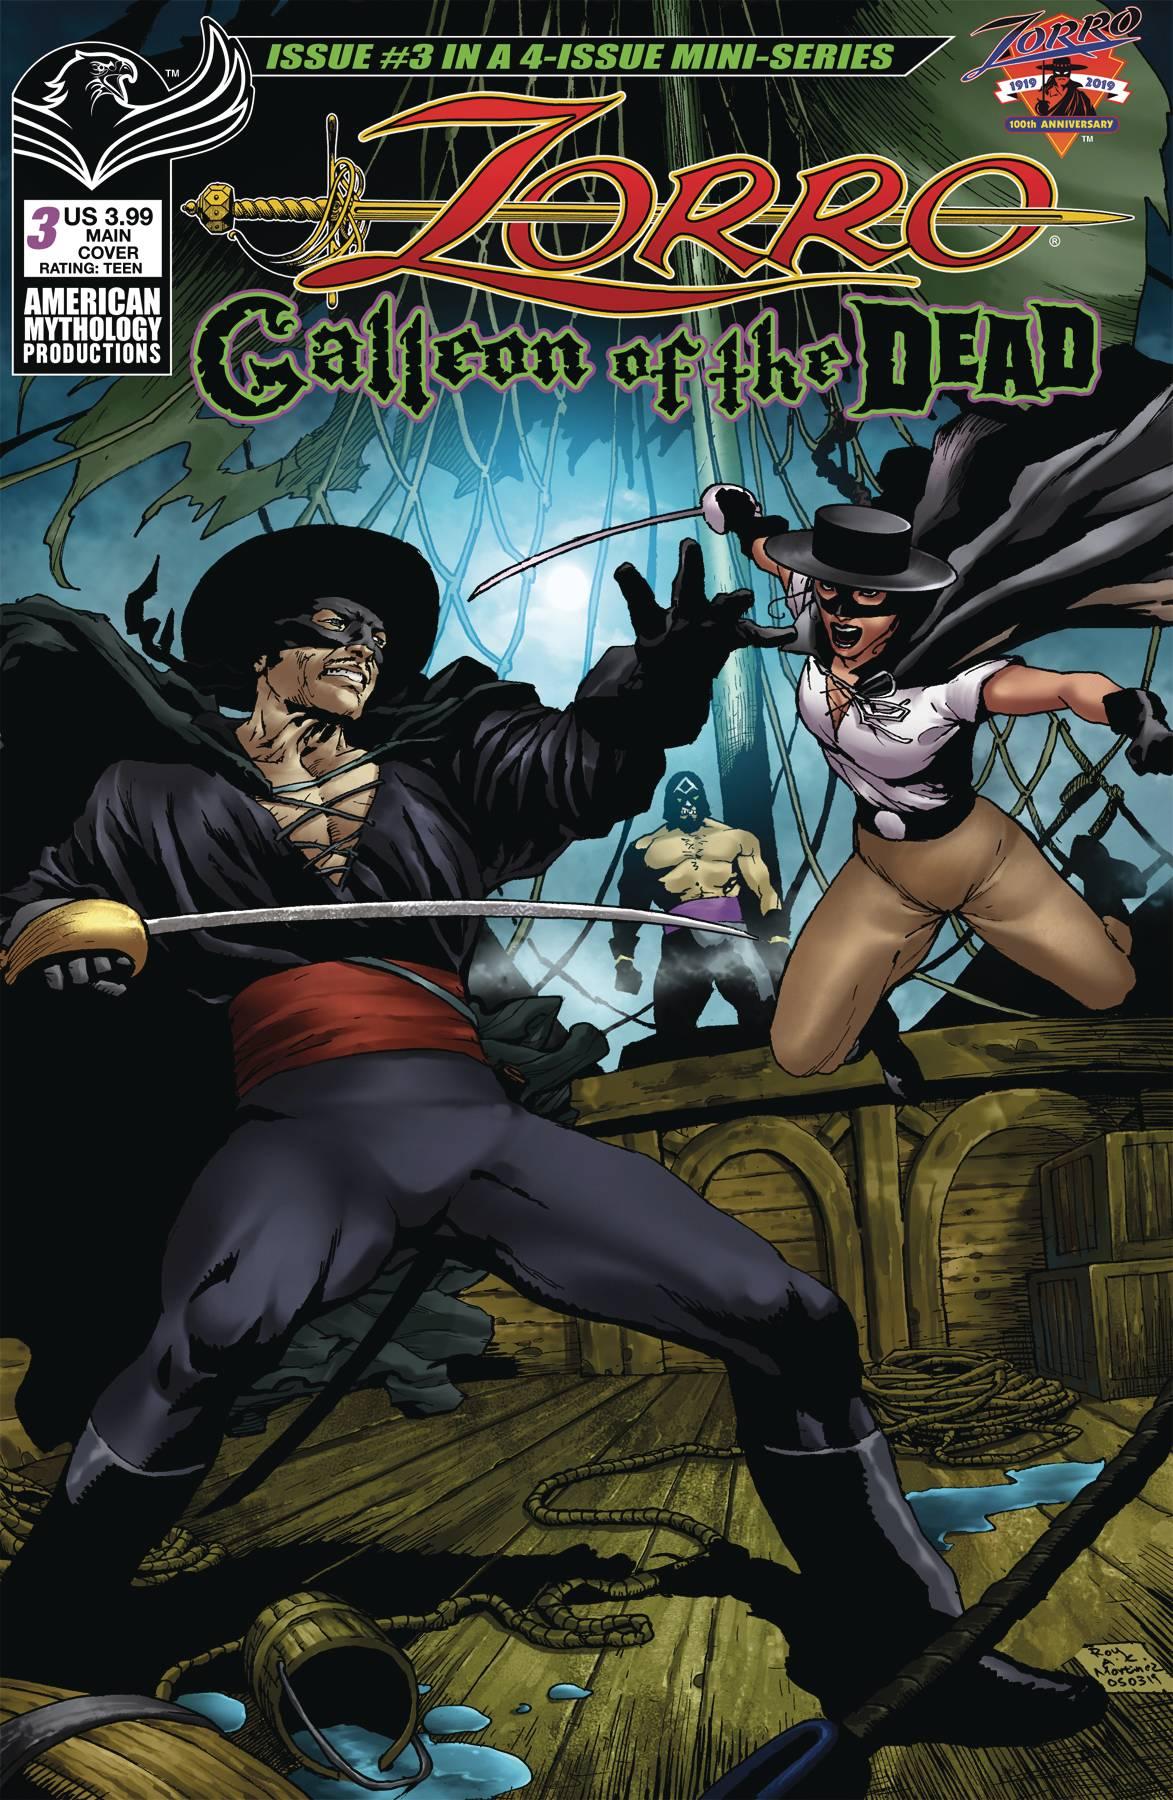 Zorro: Galleon Of Dead #3